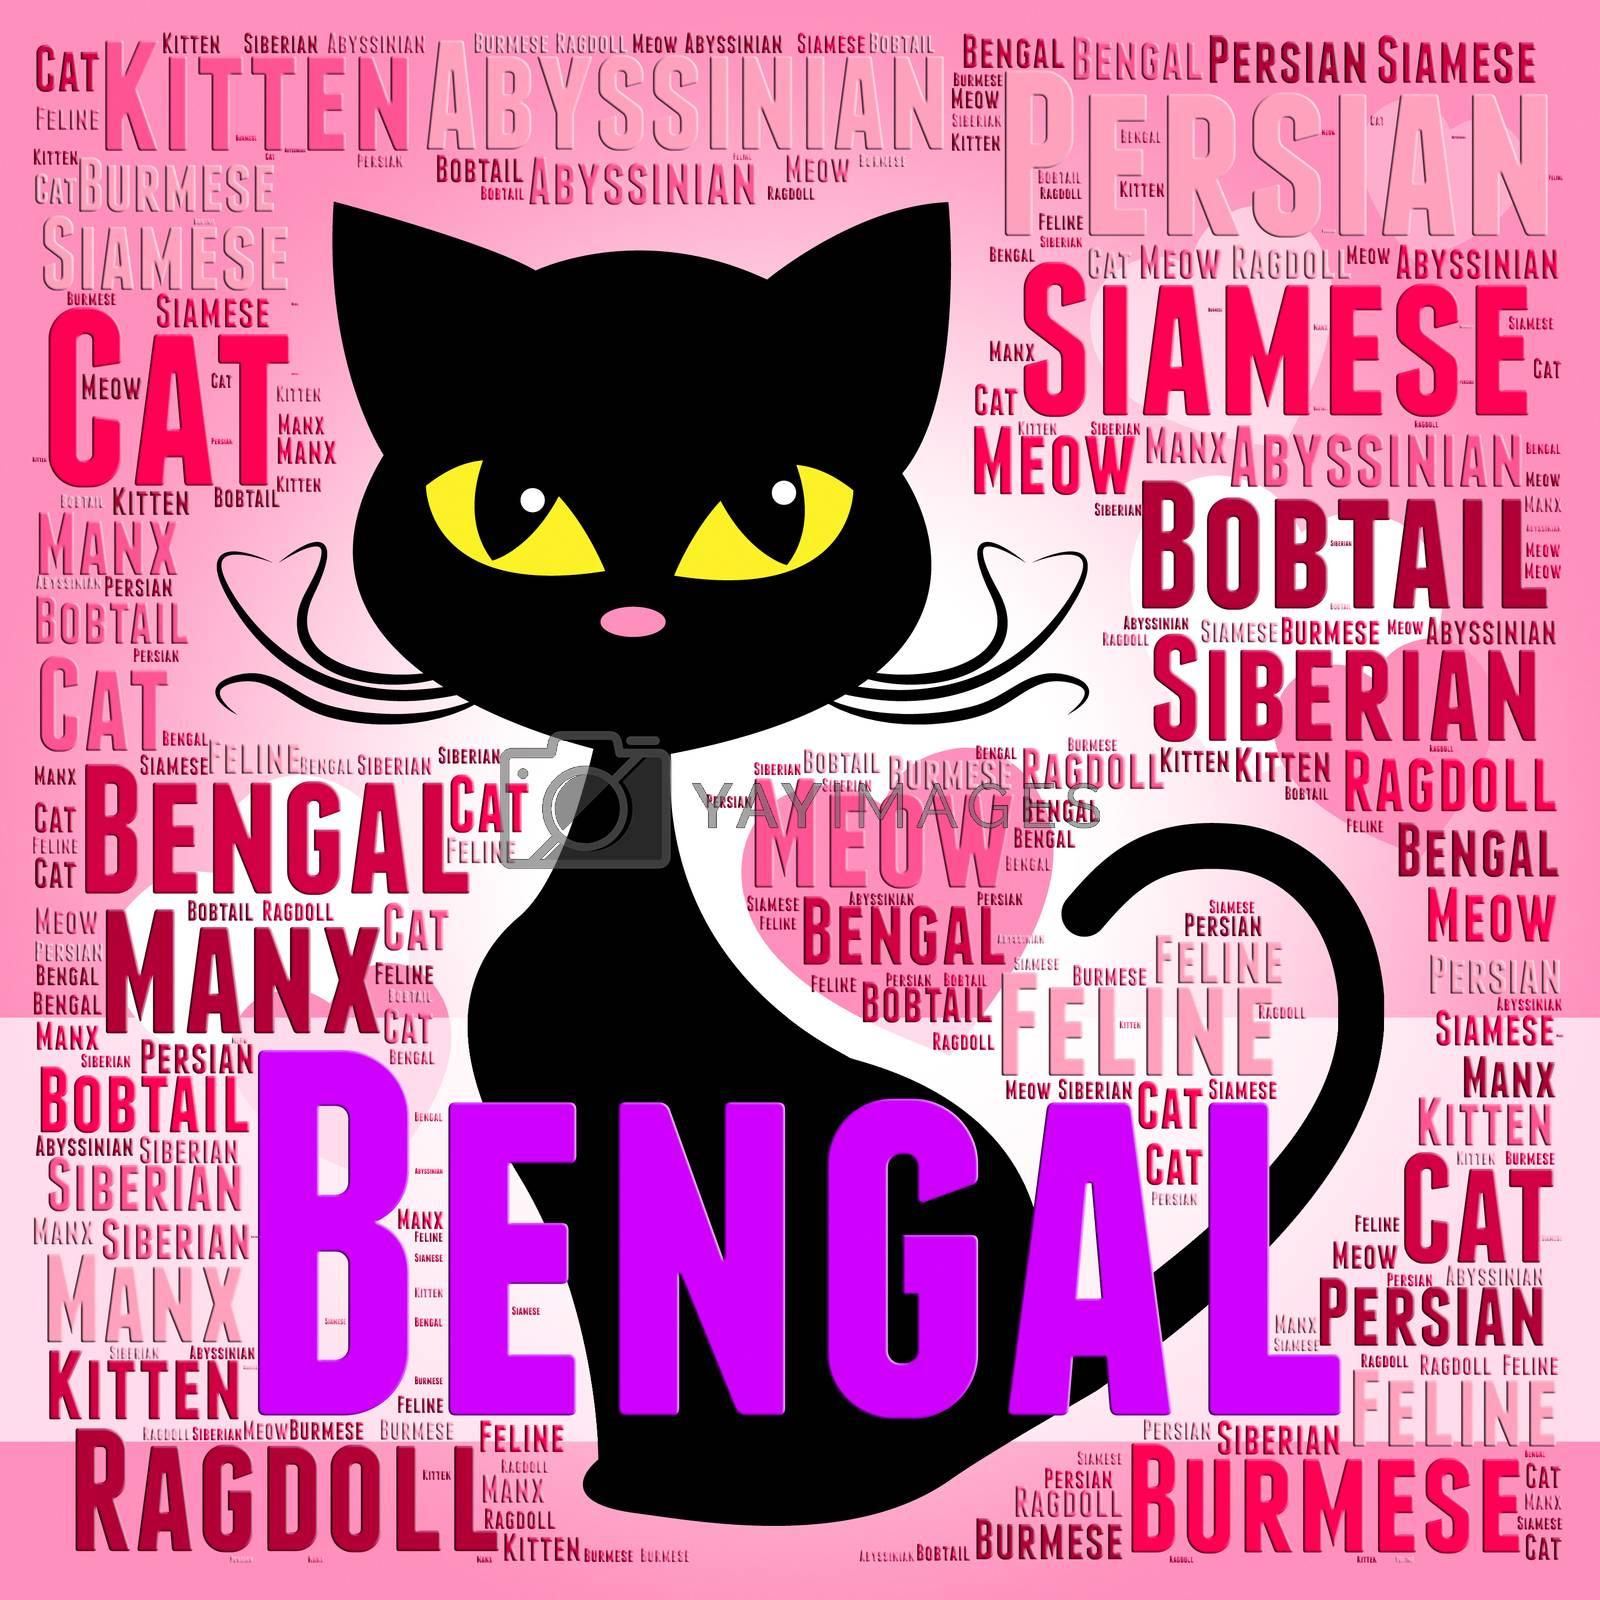 Bengal Cat Indicating Mating Wild And Pet